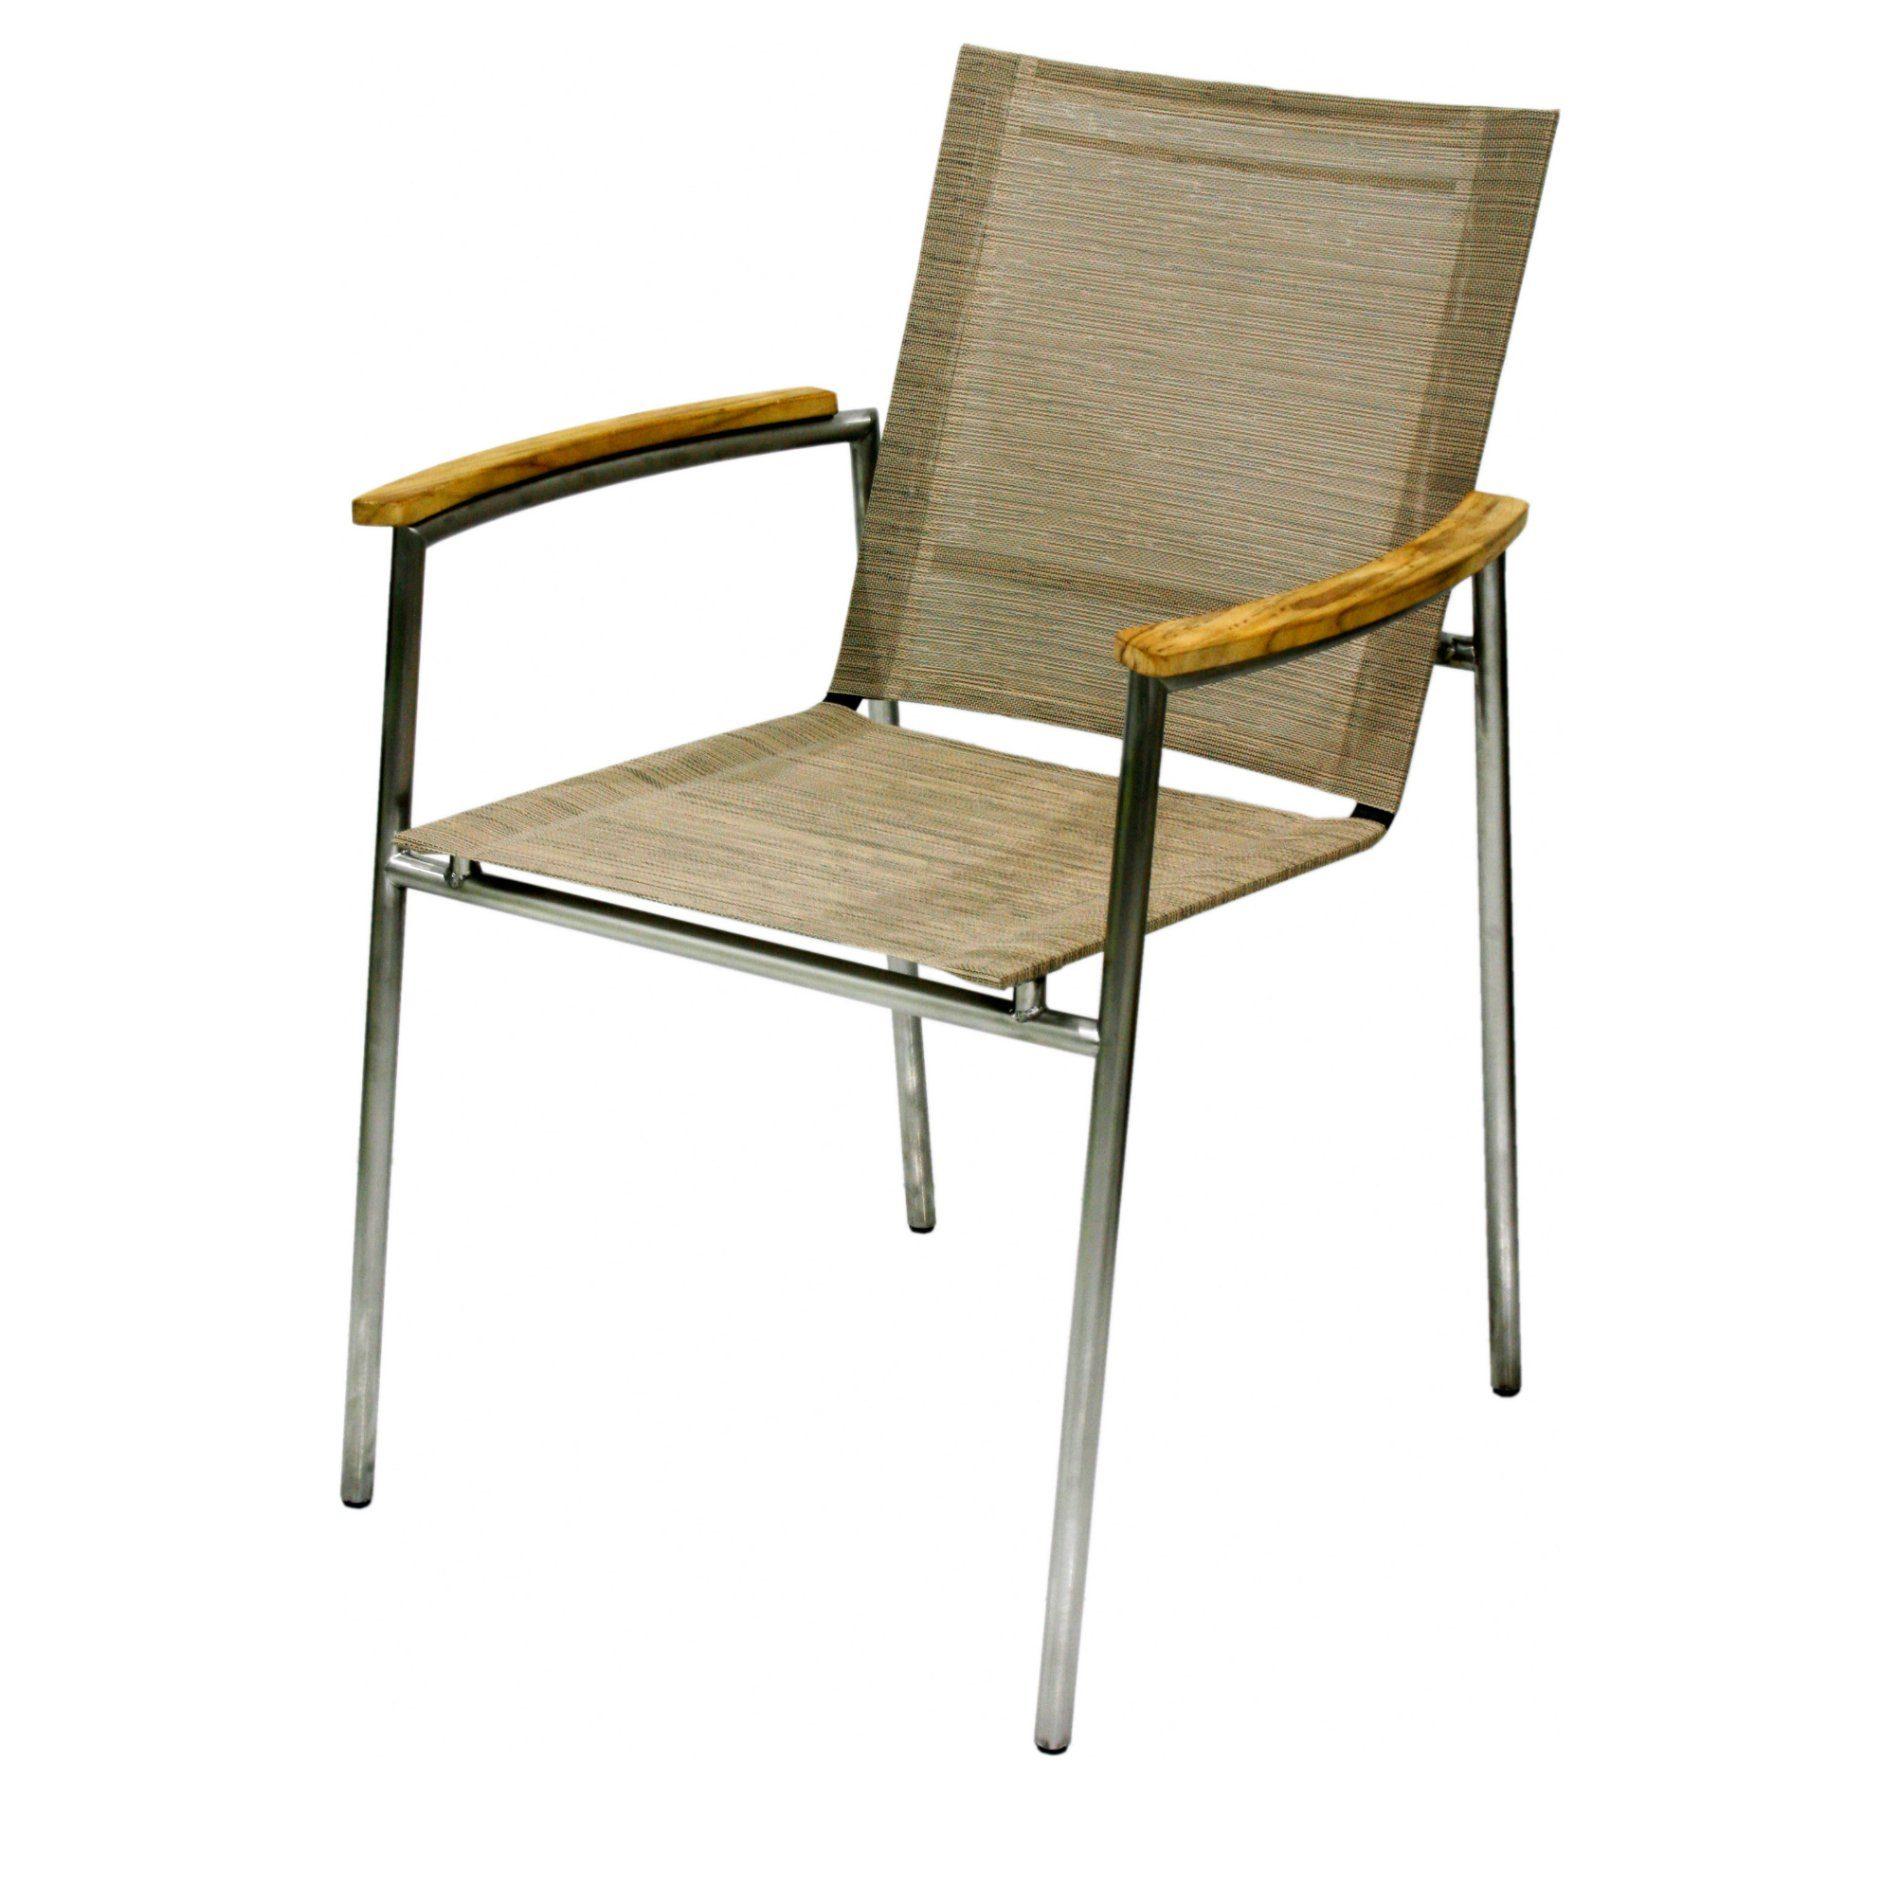 zebra hugo stapelsessel. Black Bedroom Furniture Sets. Home Design Ideas